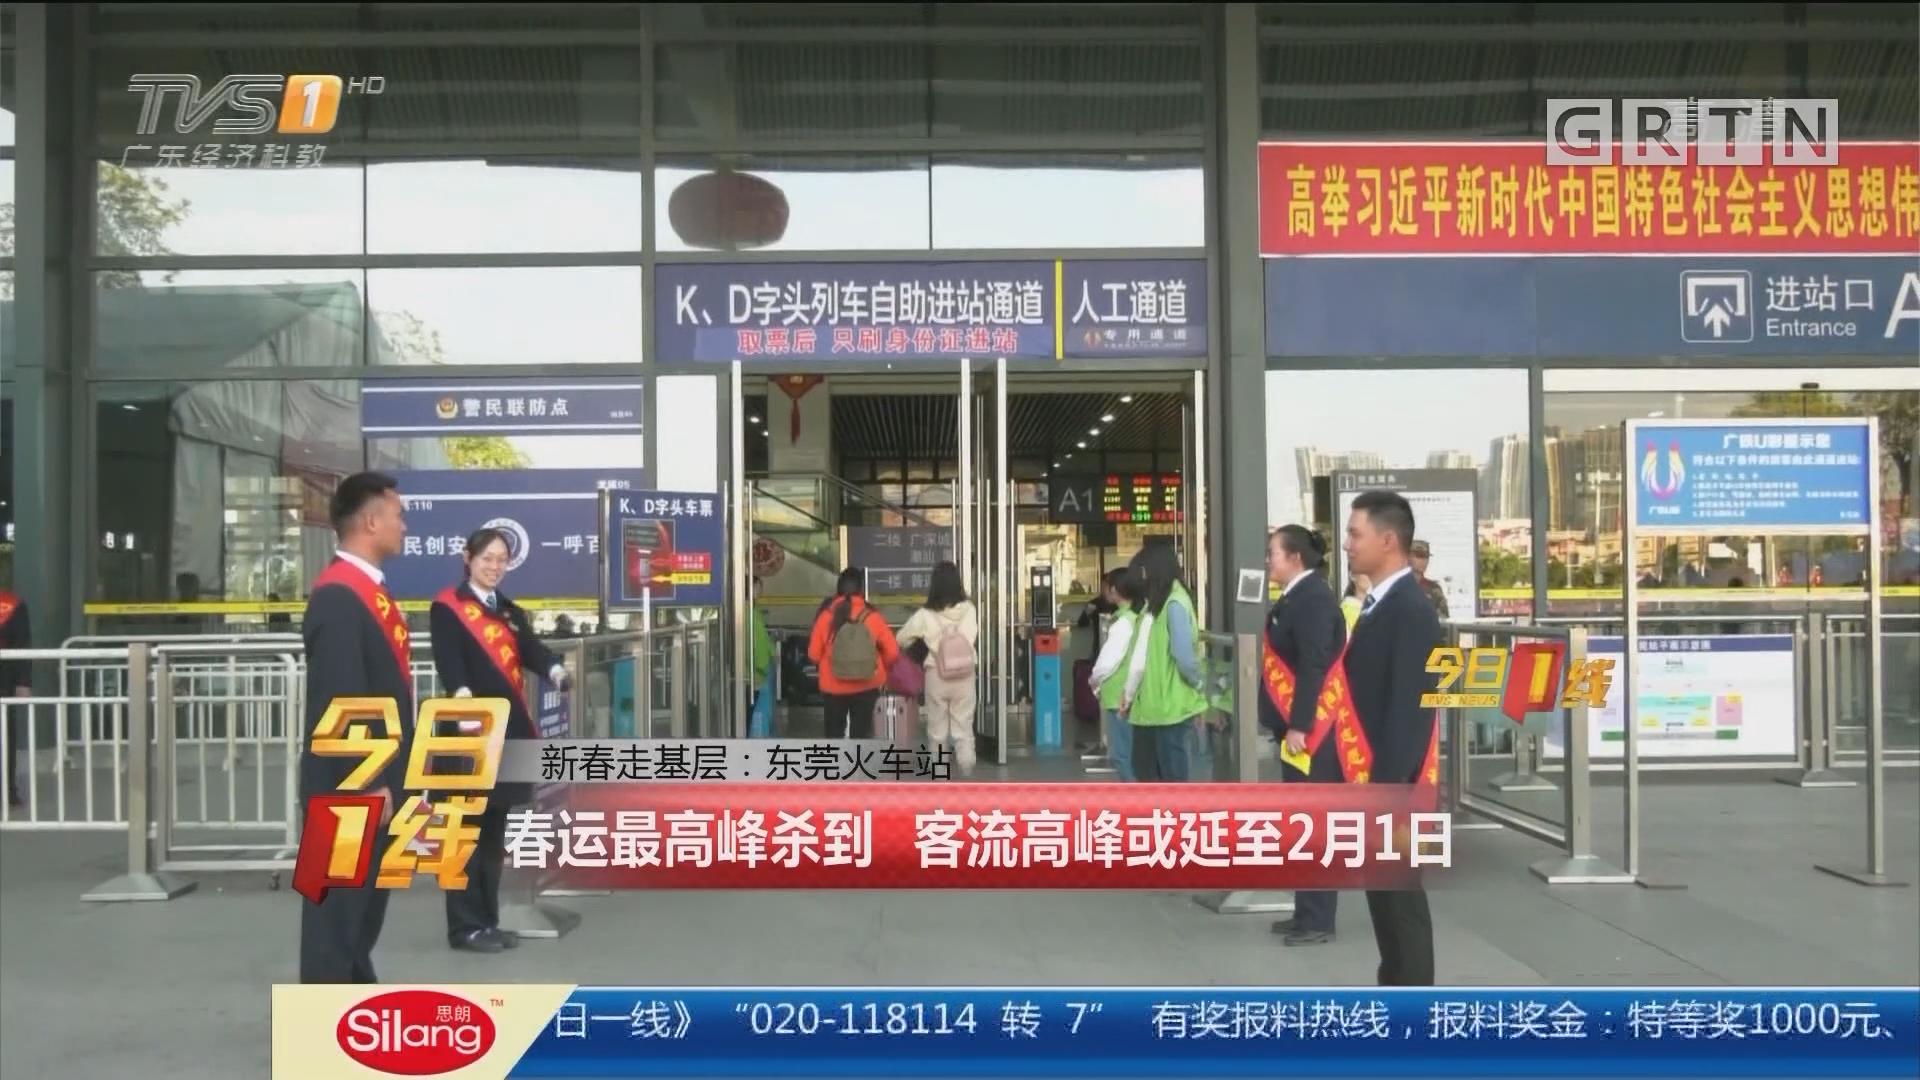 新春走基层:东莞火车站 春运最高峰杀到 客流高峰或延至2月1日